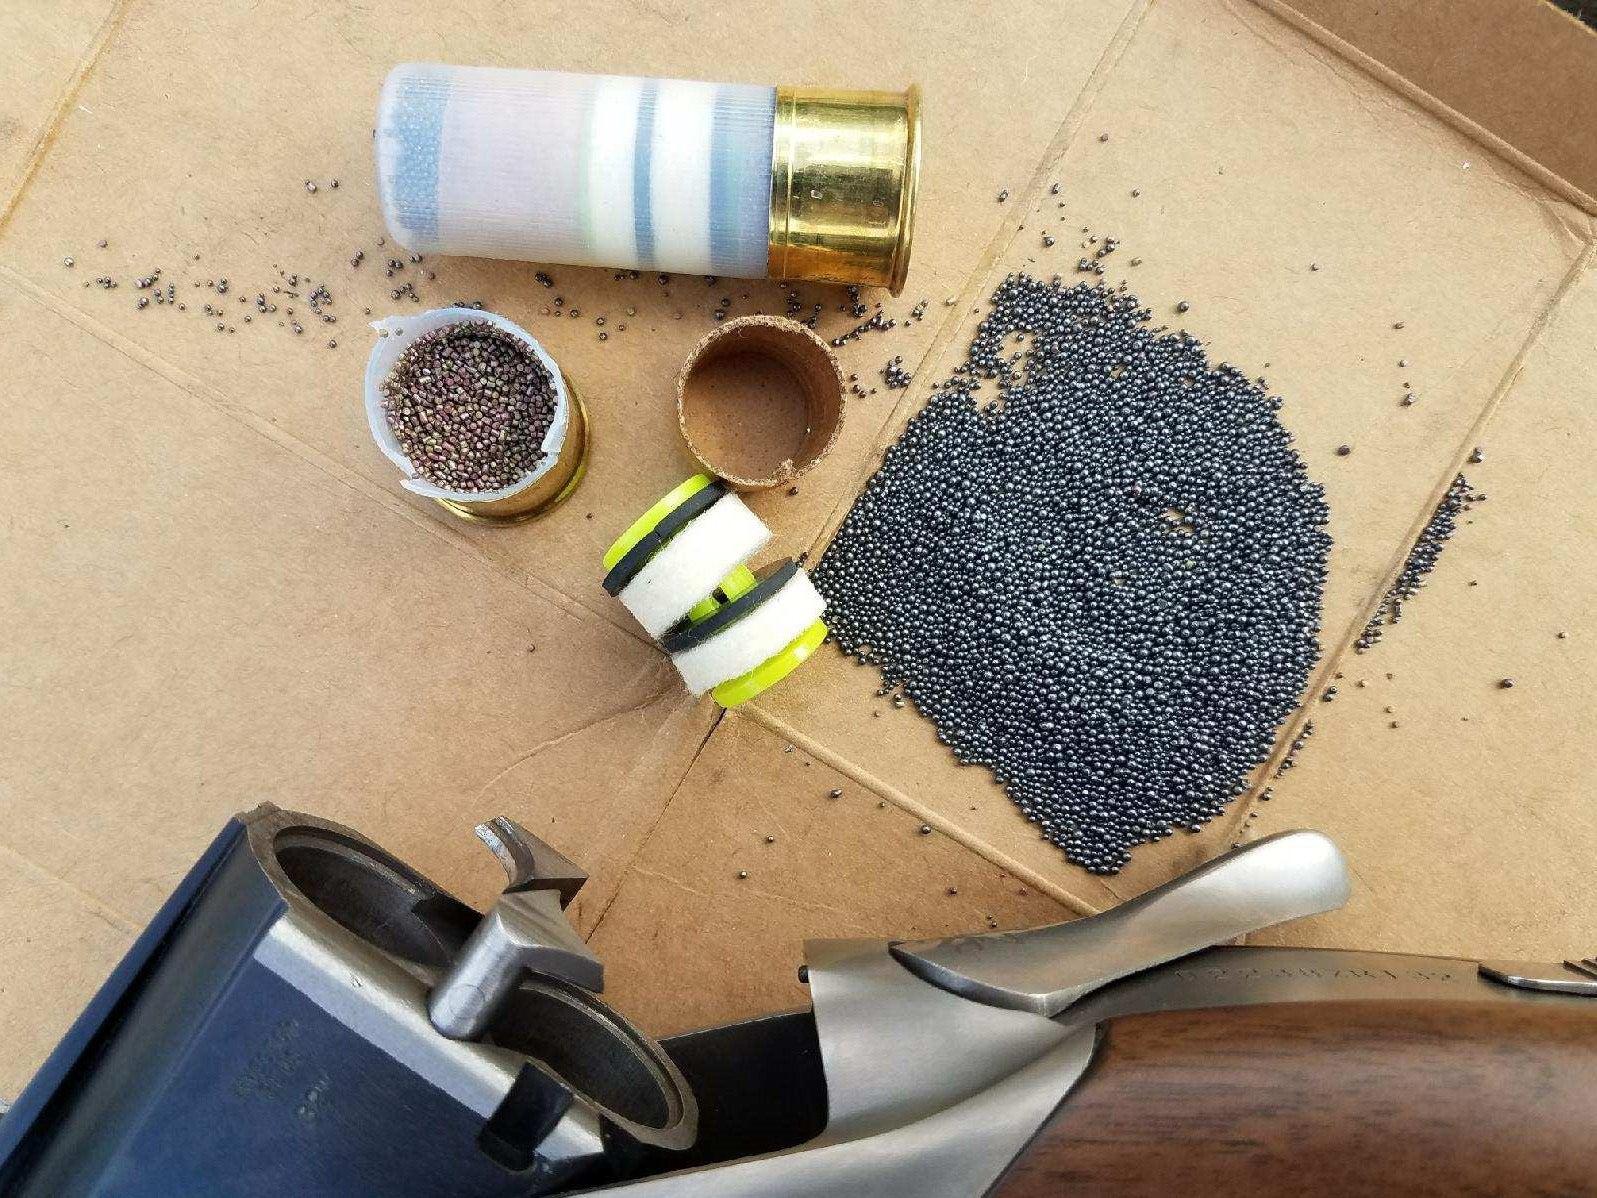 Huntego CleanShot, shotgun shell, clean bore, Curt Whitworth